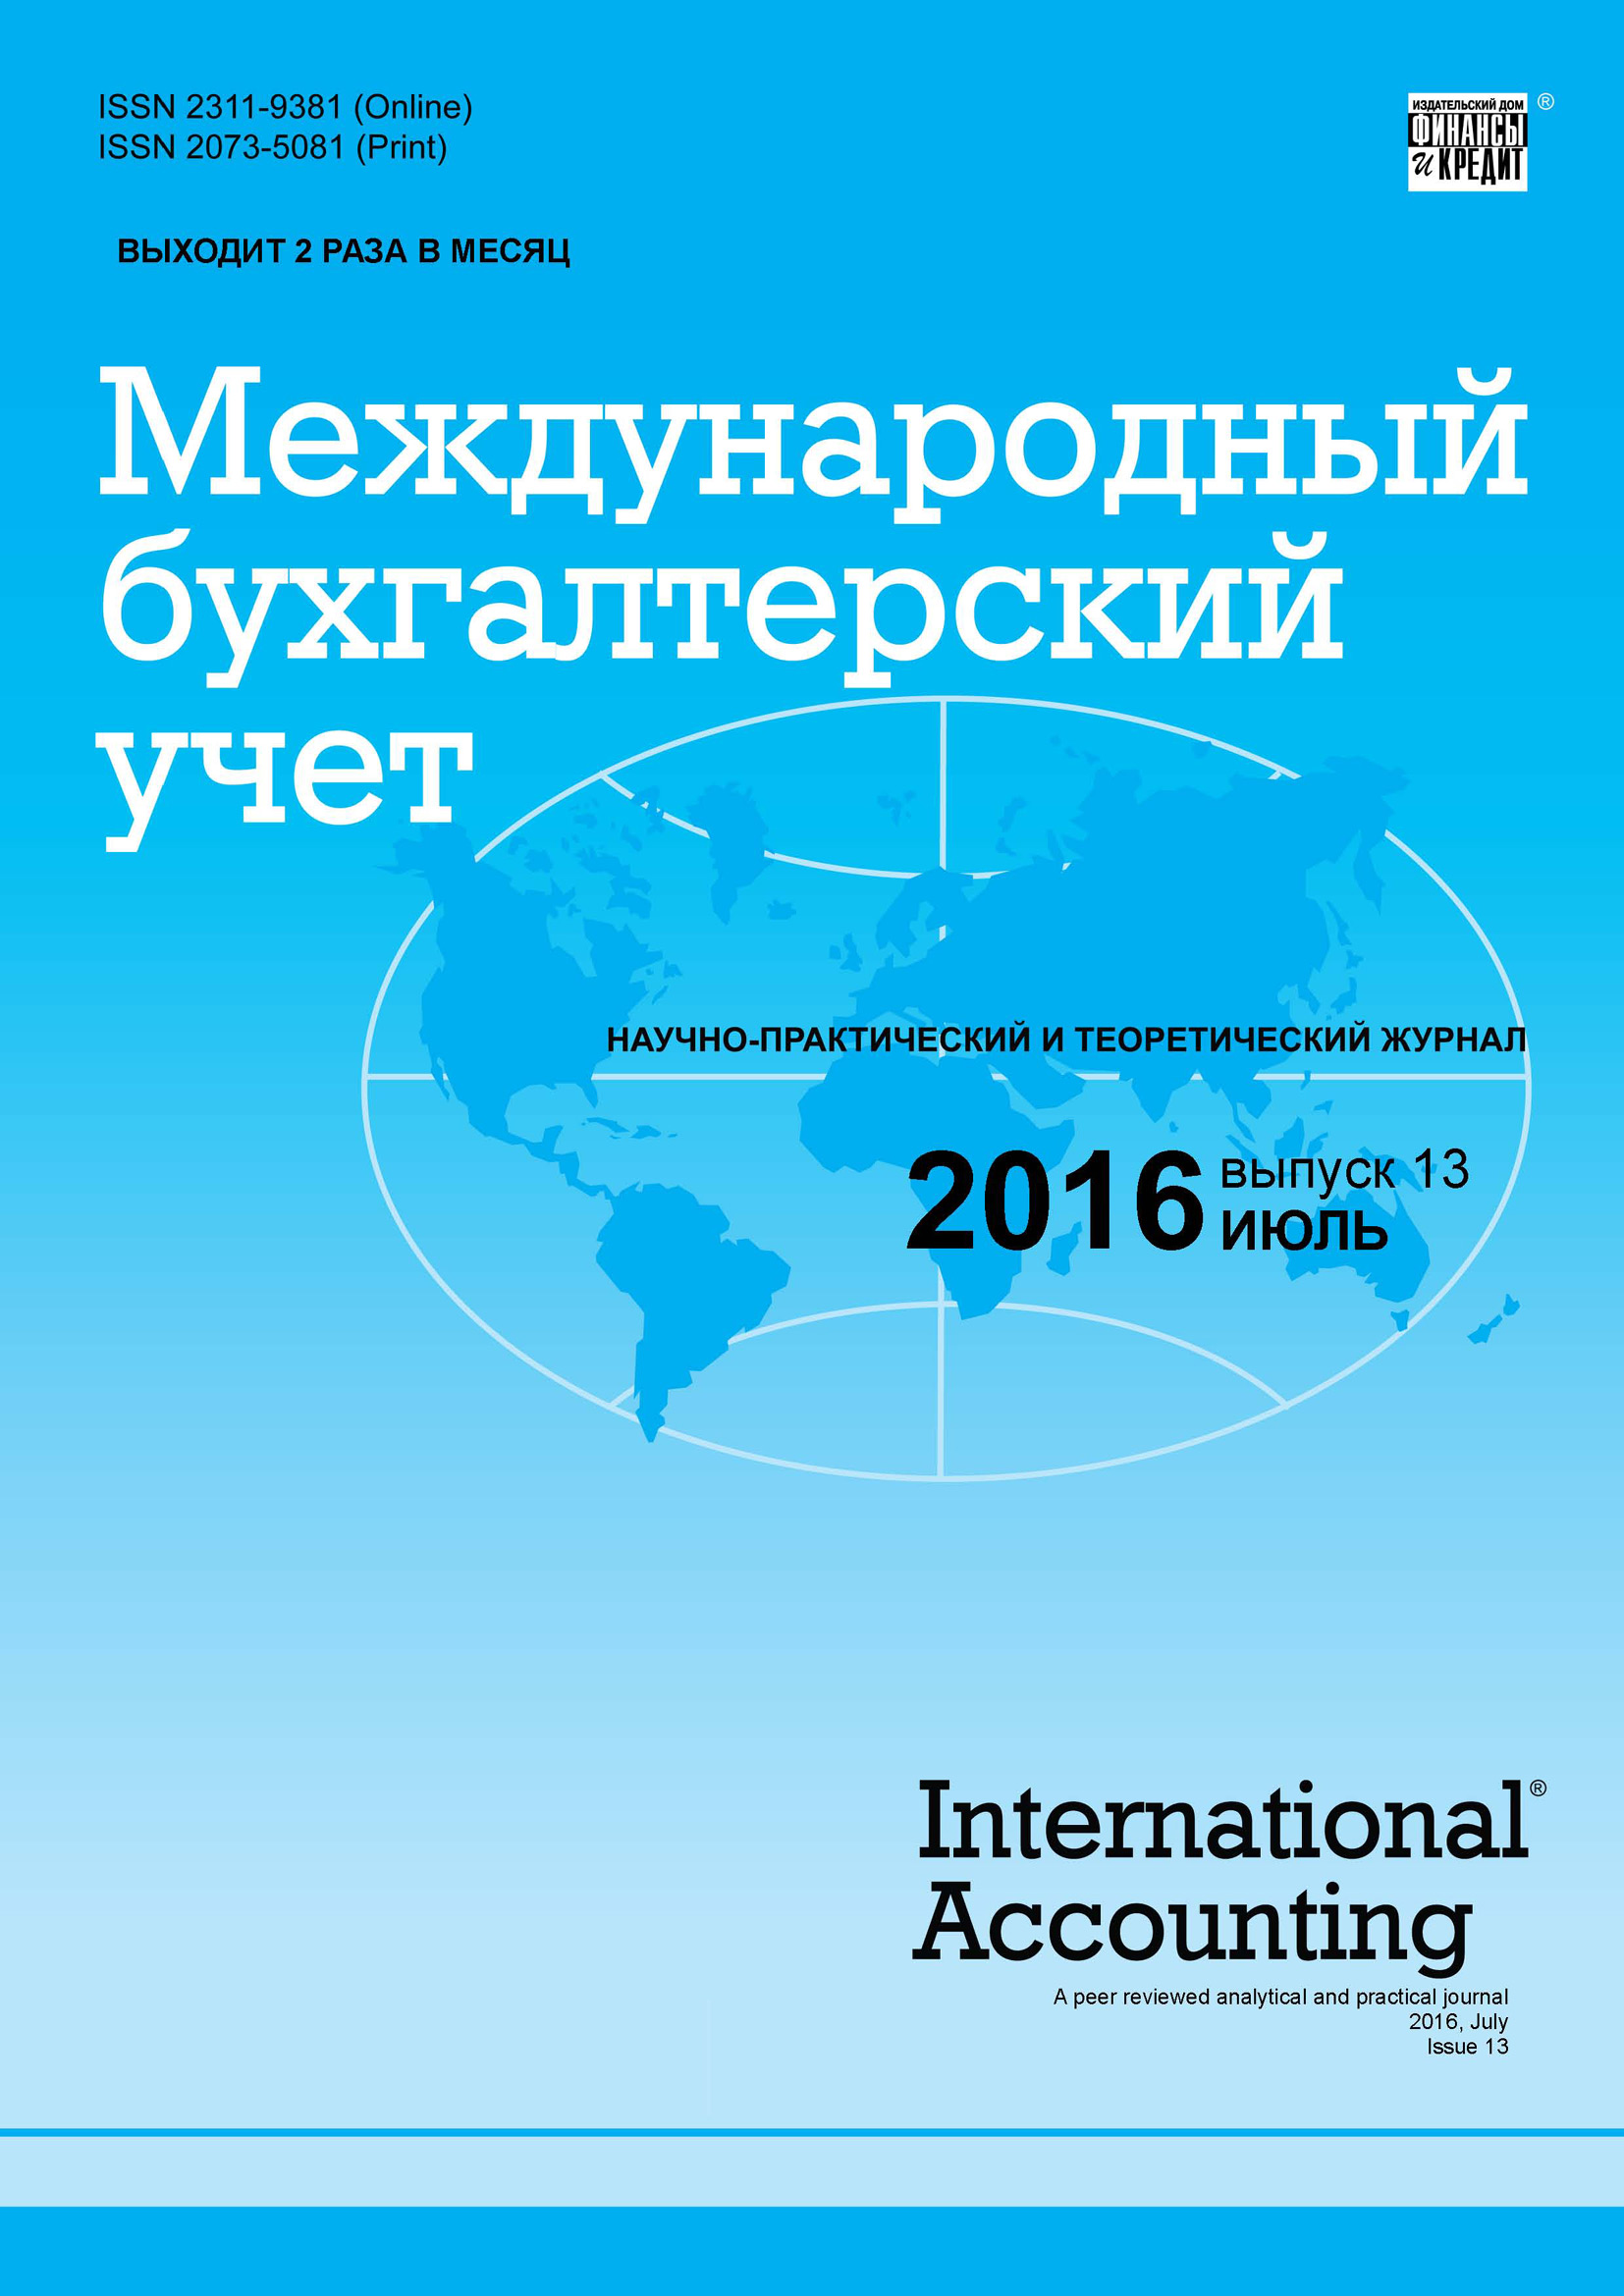 Международный бухгалтерский учет № 13 (403) 2016